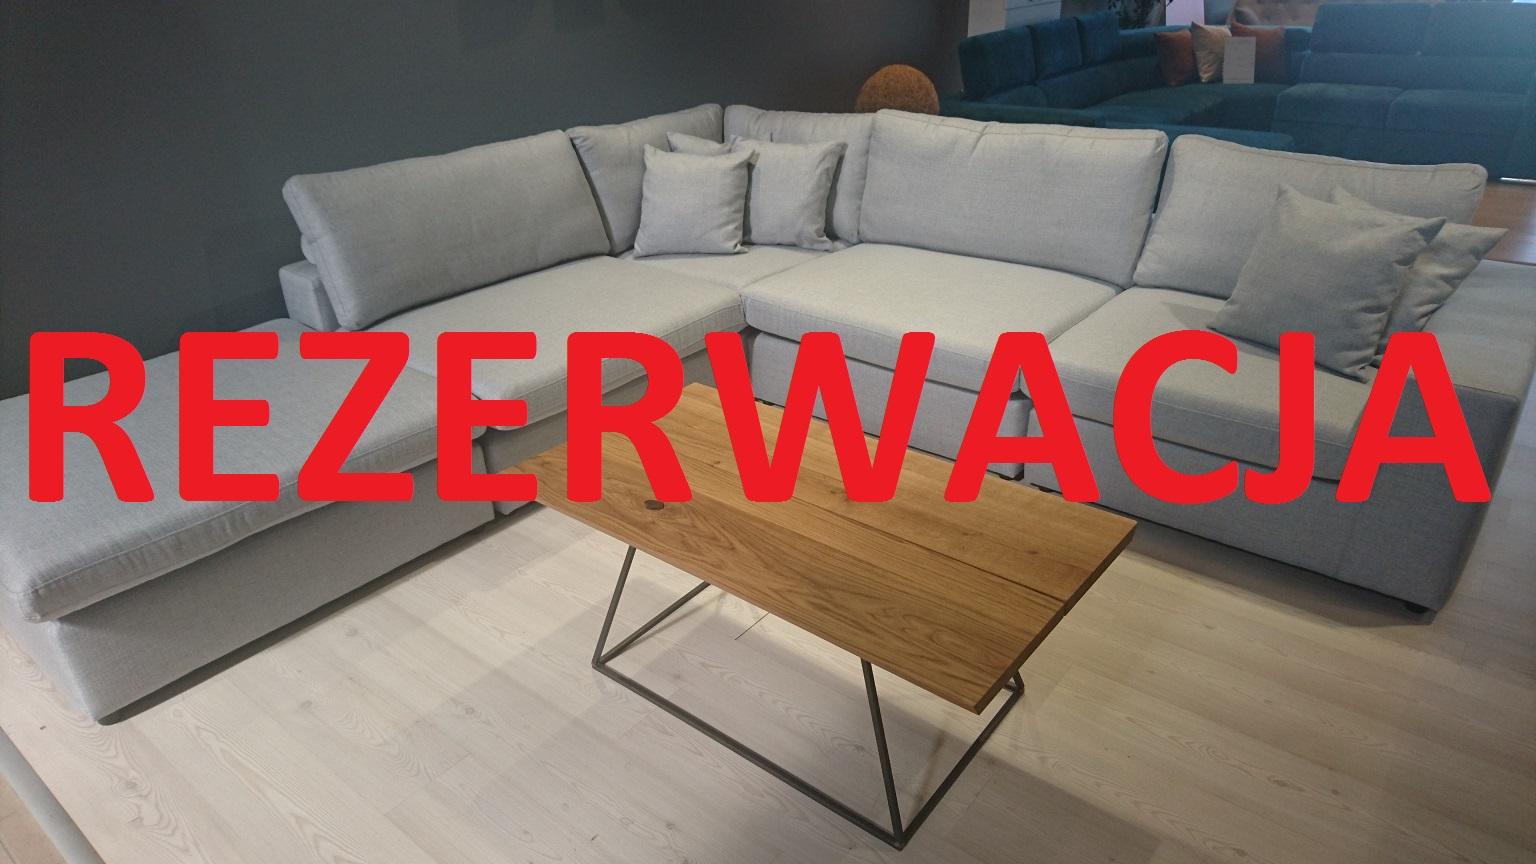 CUBE Caya Design Meble Warszawa STUDIO KOMFORT narożnik MODUŁOWY tkanina LINEA 10 plamoodporna MAGIC HOME Fargotex REZERWACJA